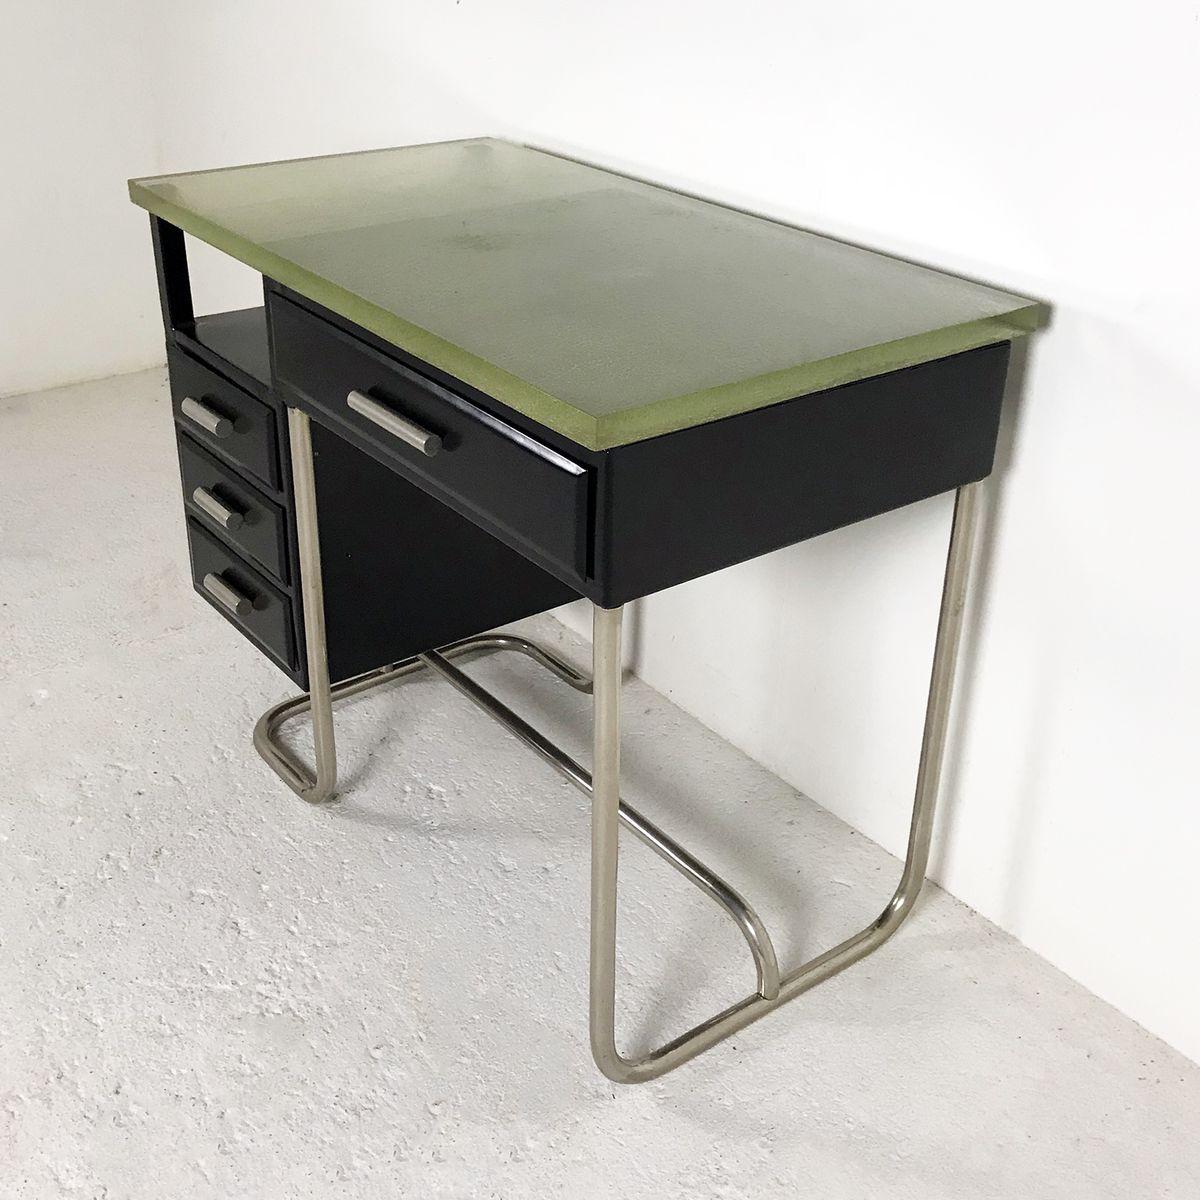 schreibtisch aus schwarz lackiertem metall mit dicker. Black Bedroom Furniture Sets. Home Design Ideas